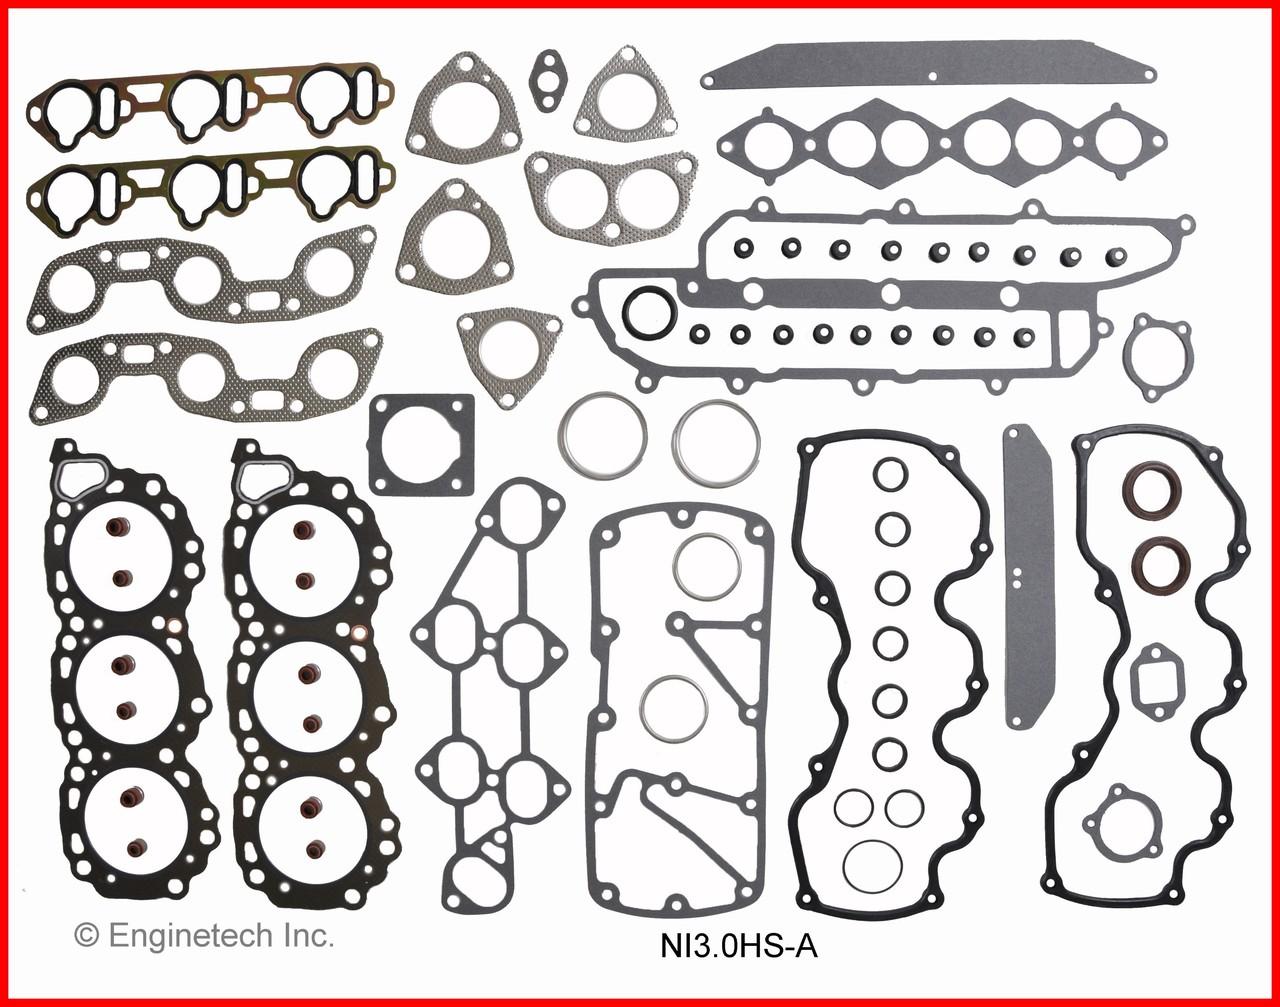 1993 Nissan D21 3 0L Engine Remain Kit (Re-Ring Kit) RMNI3